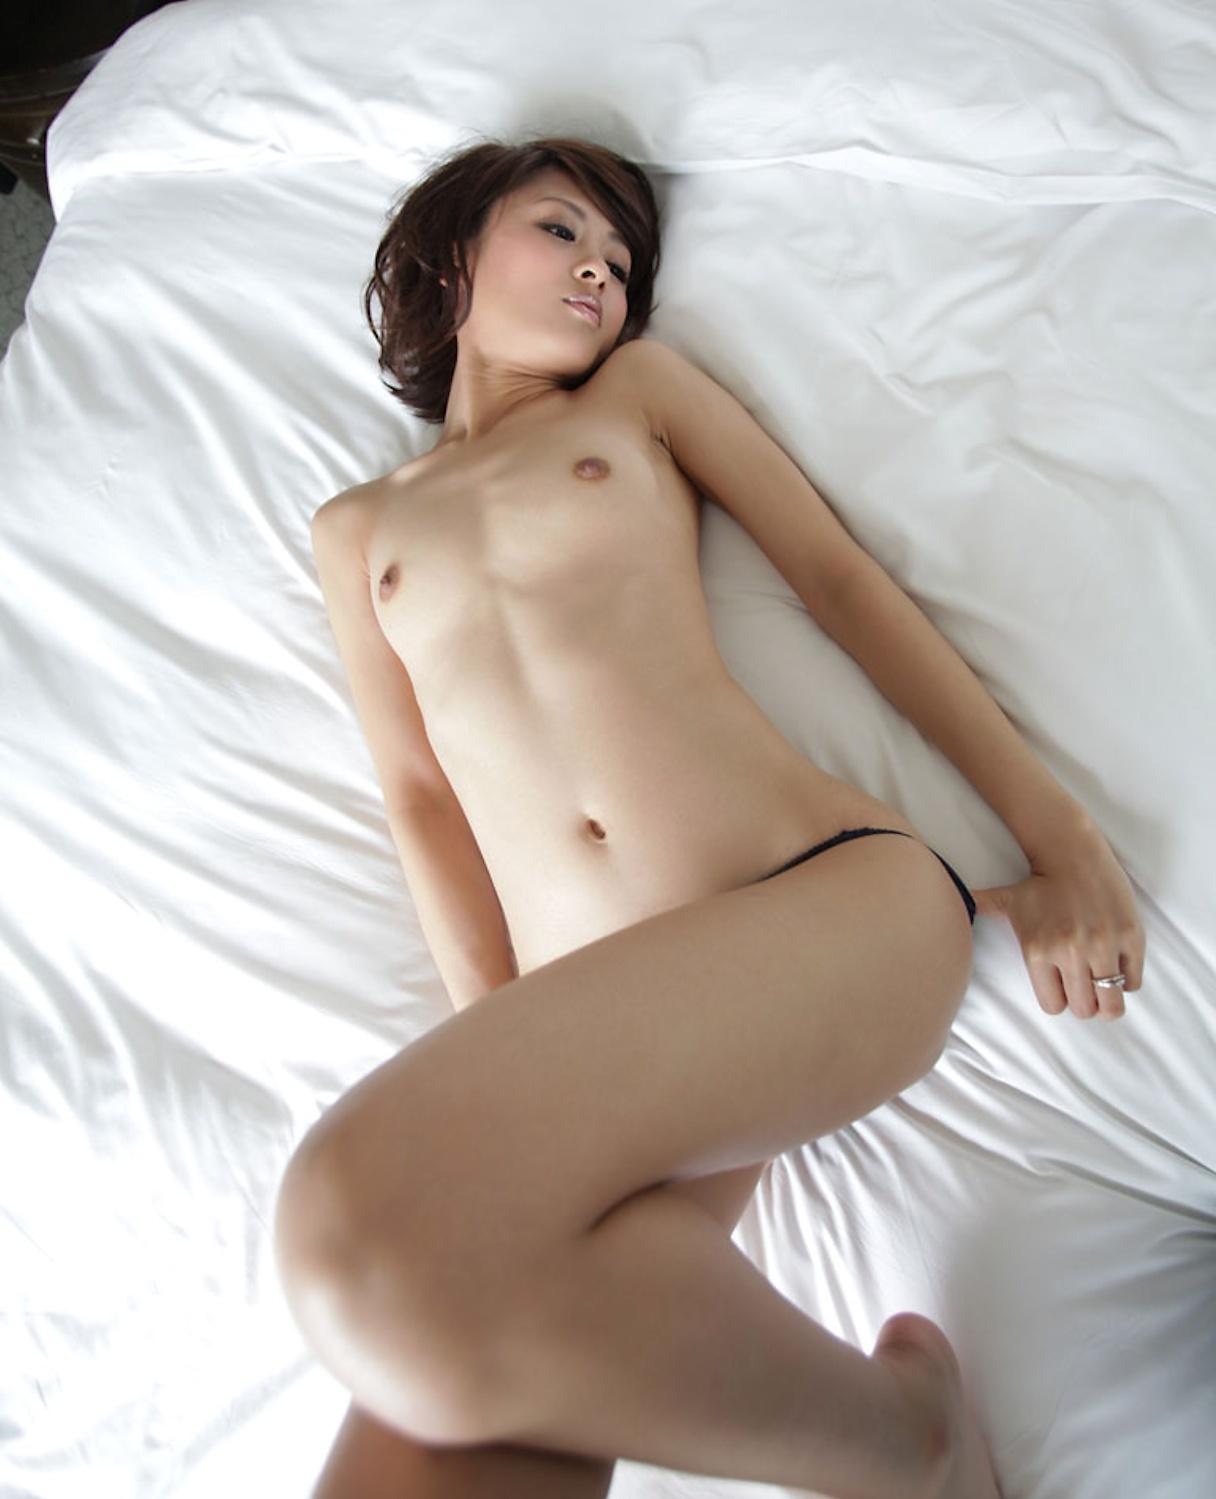 柔らかそうな美乳おっぱい画像 72